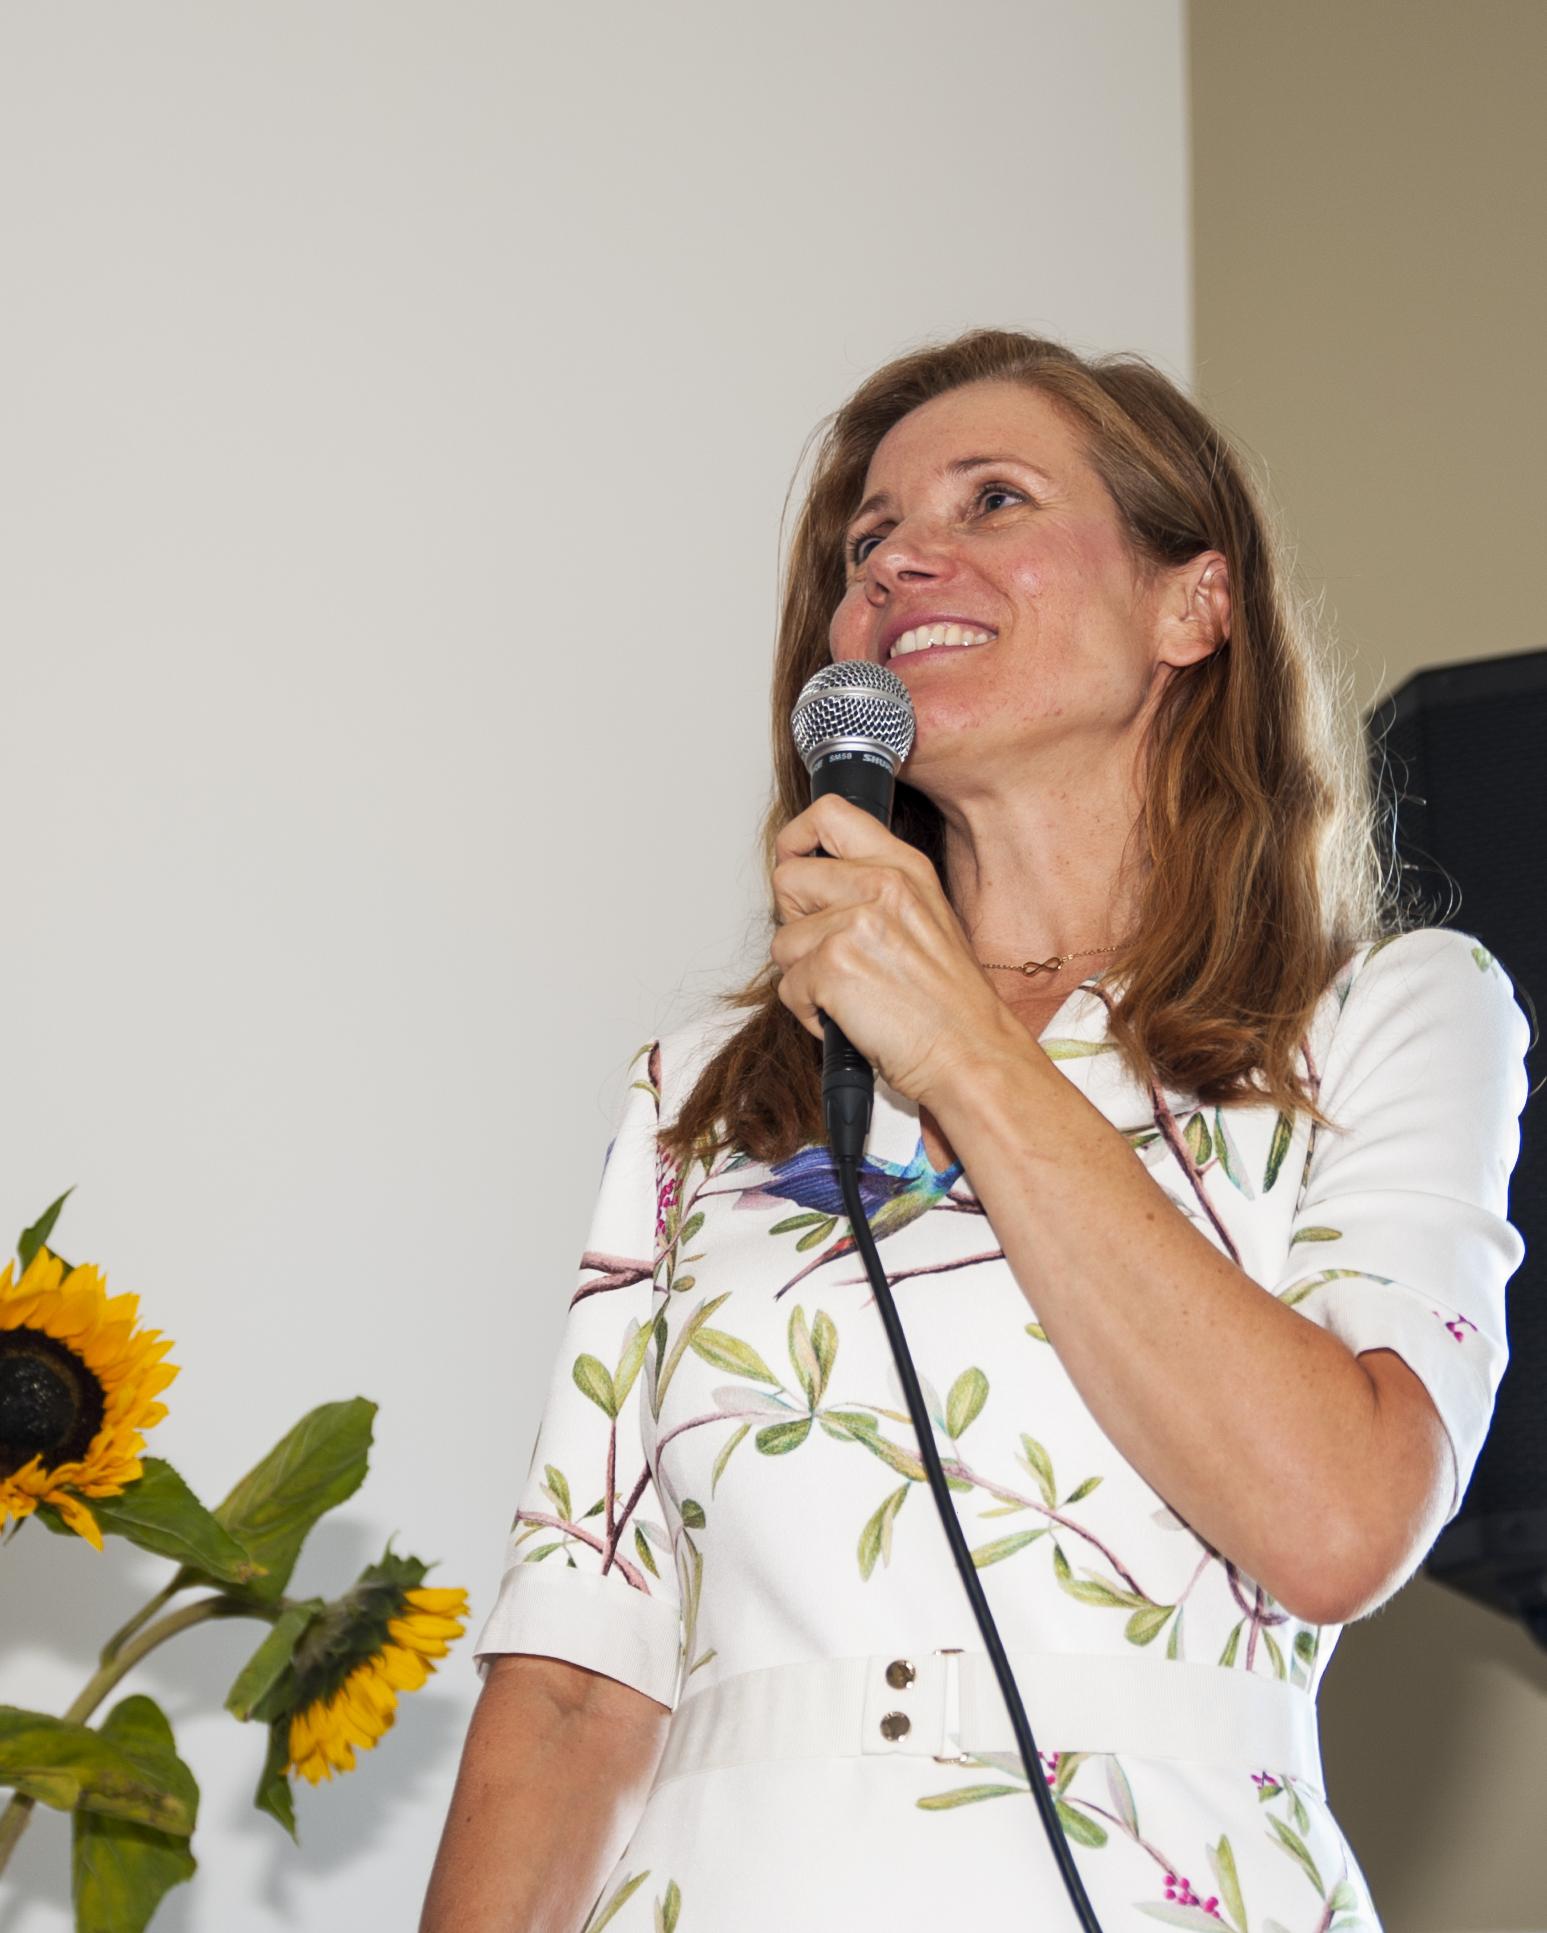 Suzanne Groenstege